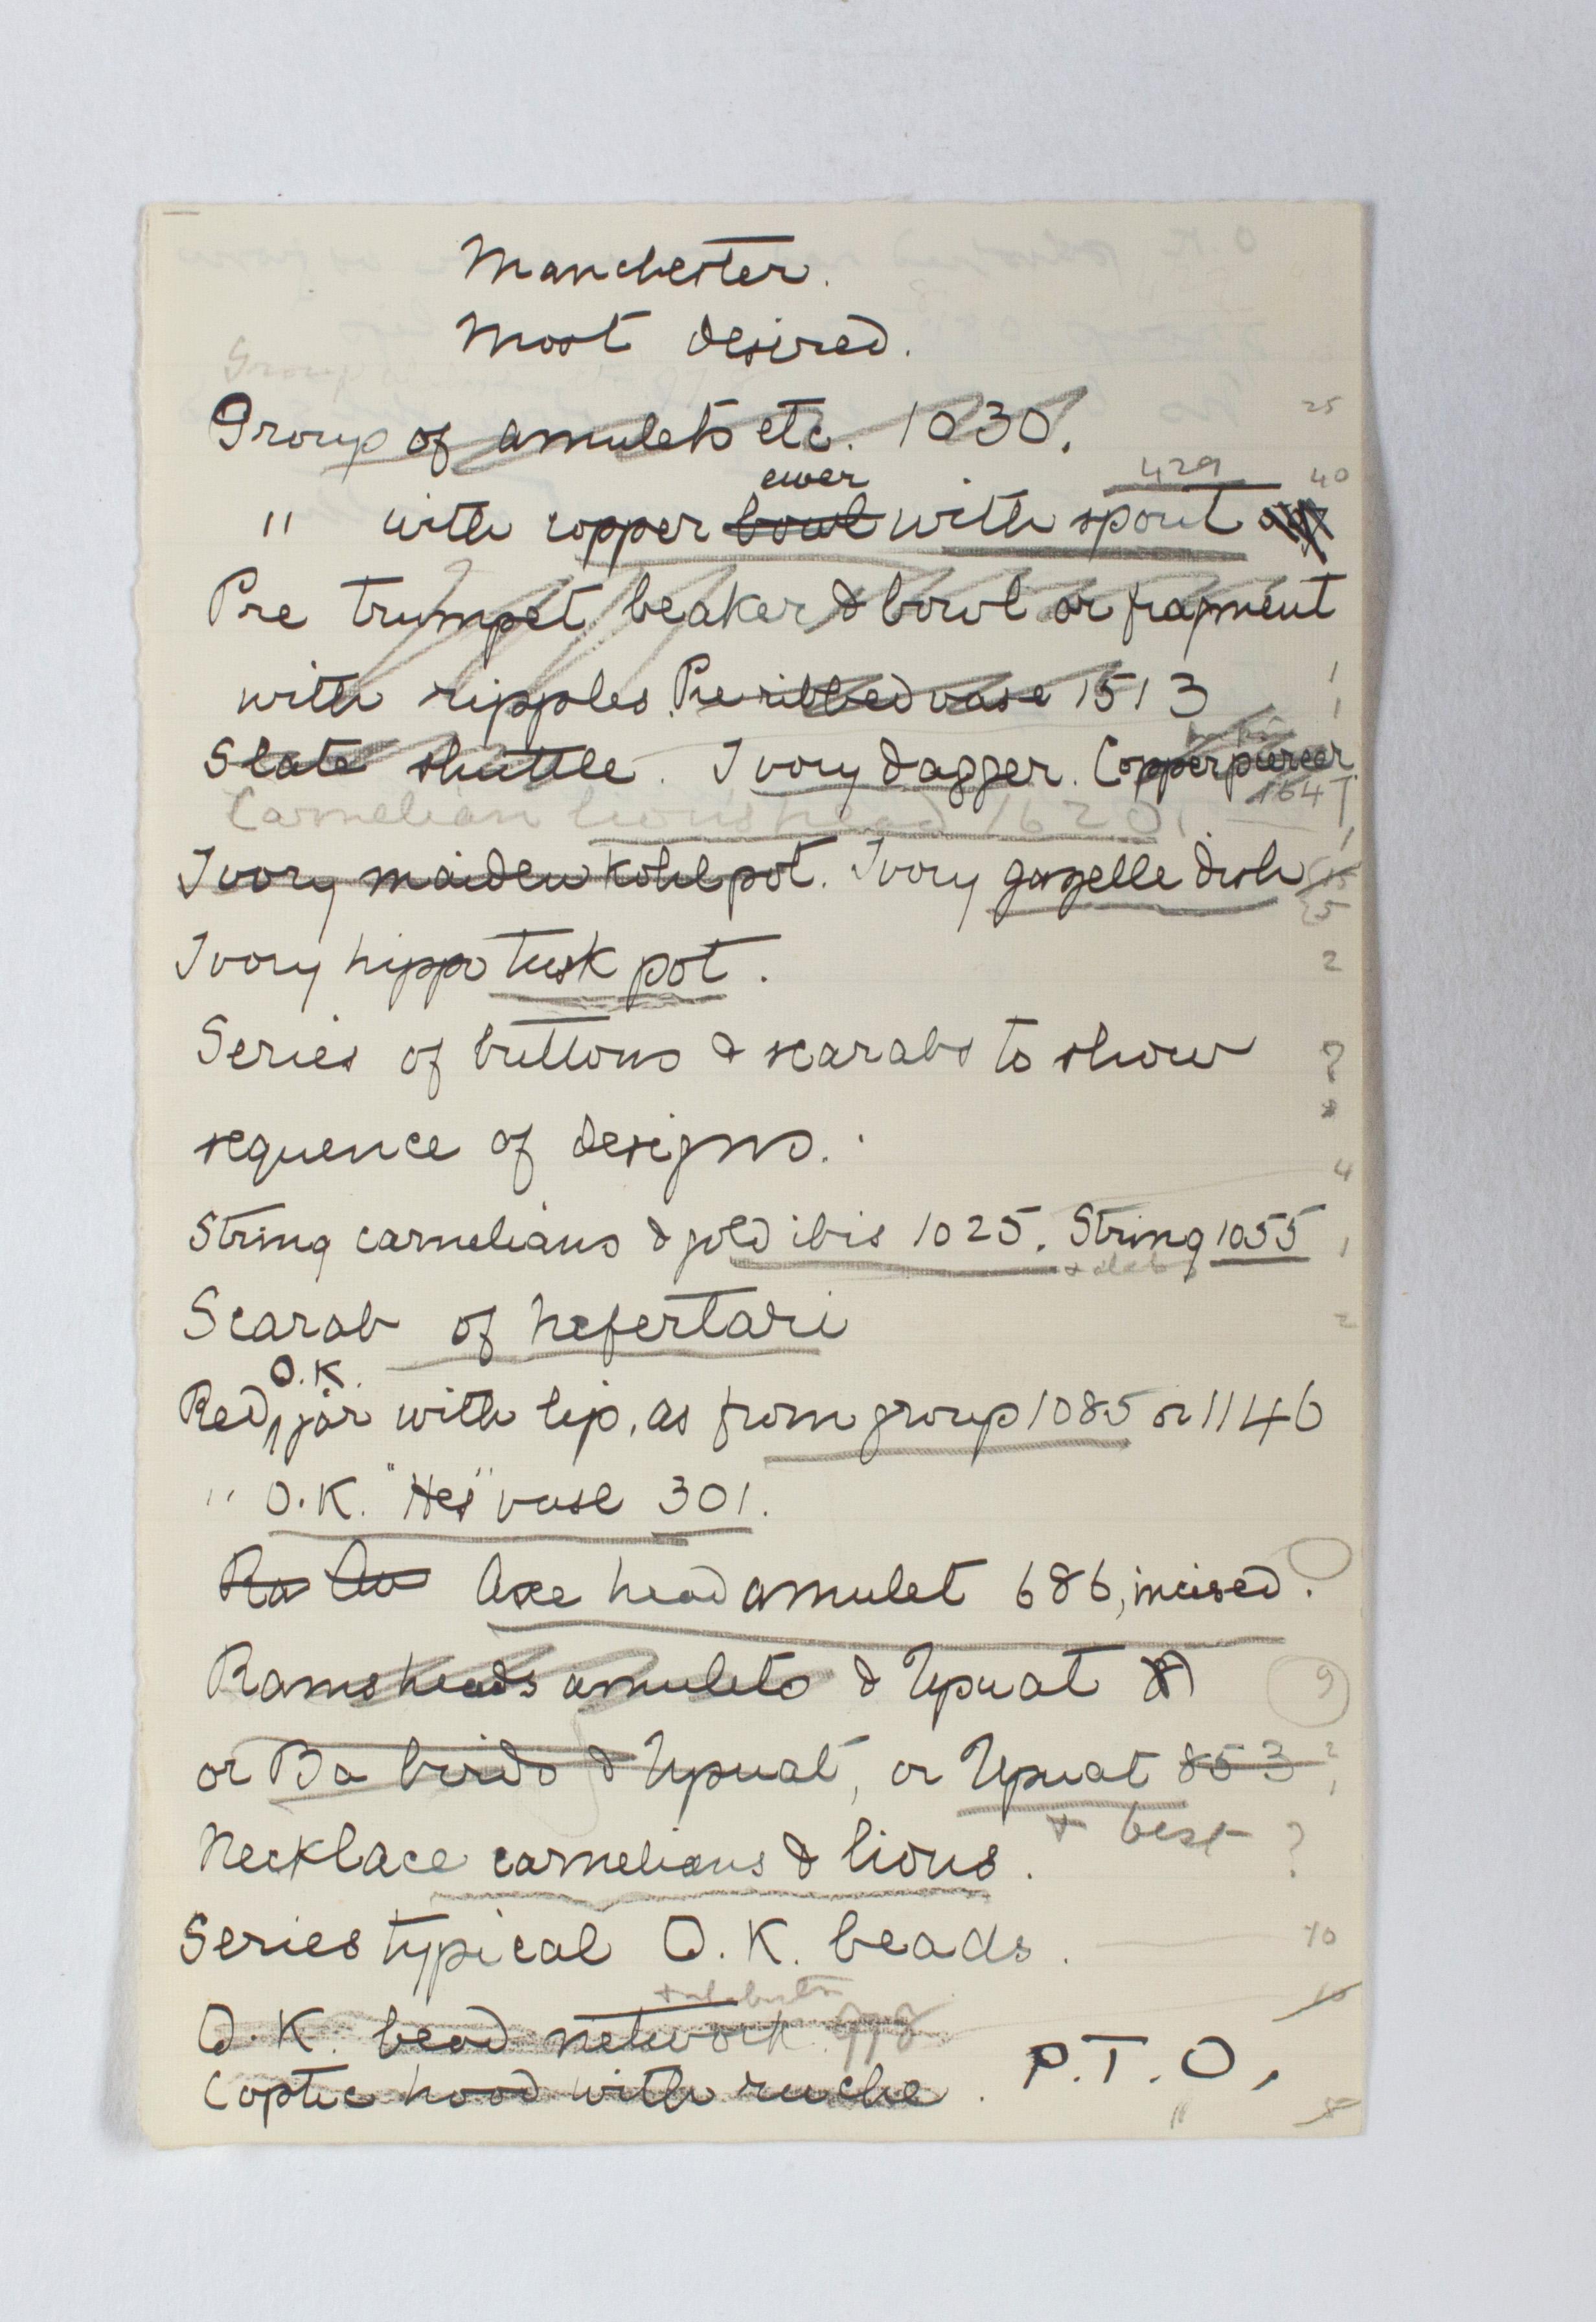 1922-23 Qau el-Kebir Exhibition catalogue PMA/WFP1/D/26/31.4